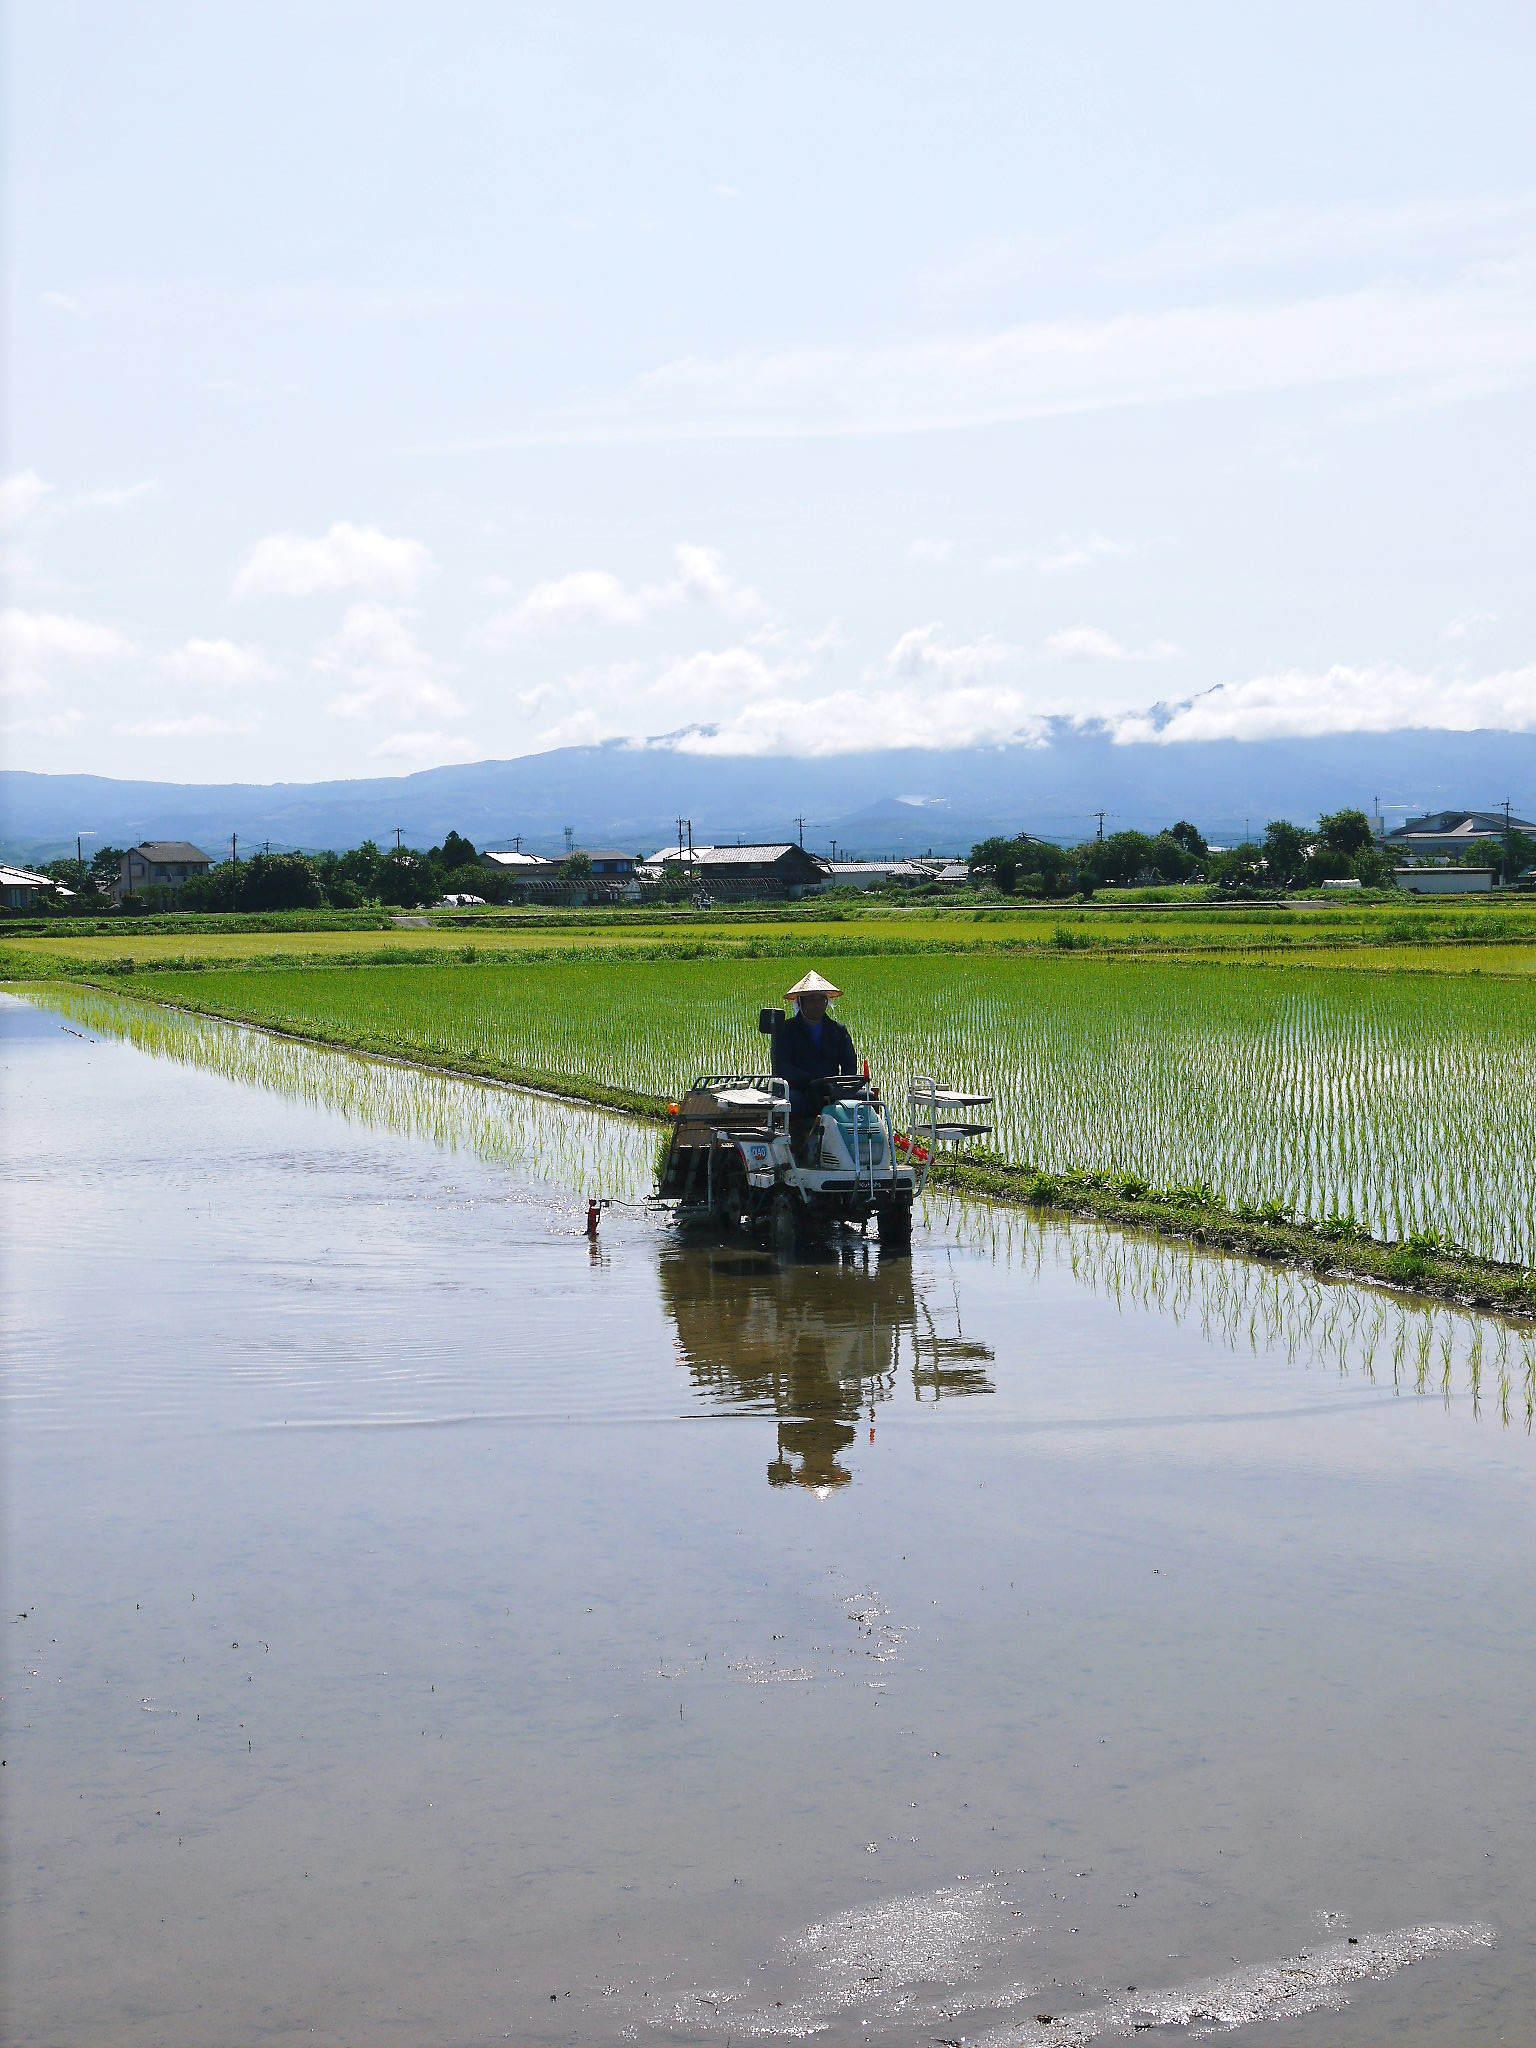 砂田のこだわりれんげ米 田植えの様子(2020) 前編:今年も変わらずれんげを有機肥料にした田んぼです_a0254656_17313207.jpg